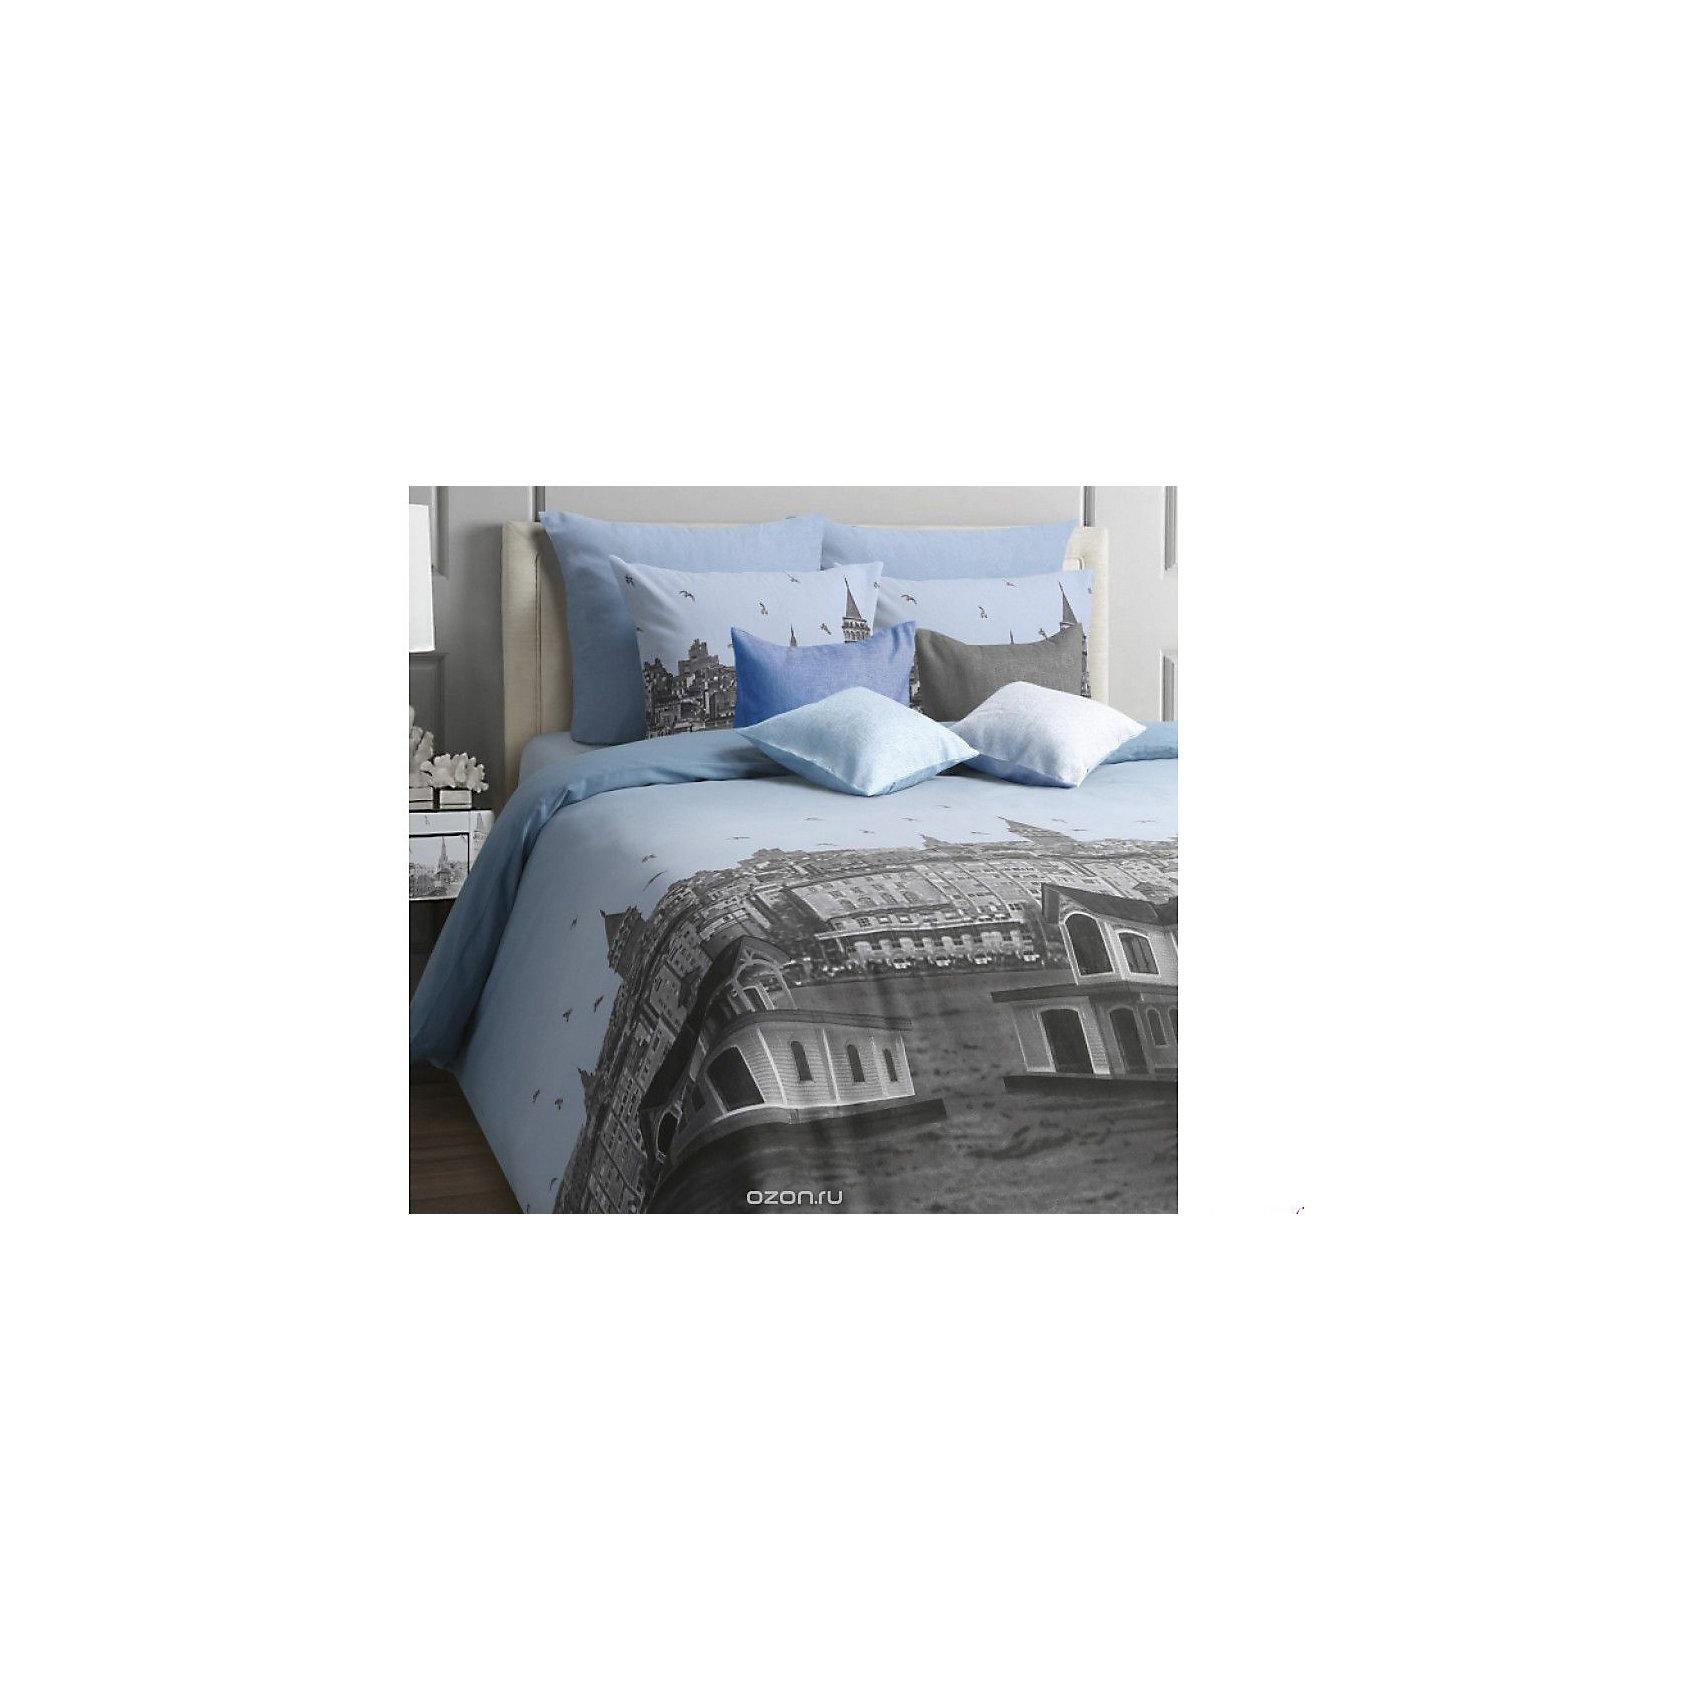 Постельное белье 1,5сп Istanbul, Mona Liza, 70*70Семейный комплект постельного белья Istanbul торговой  марки Mona Liza порадует любителей путешествий. Комплект изготовлен из  высококачественной бязи с рисунком в виде экзотического городского пейзажа. Изделие прочное и износостойкое, легко гладится и стирается, выдерживая большое количество стирок,  можно стирать в стиральной машине в деликатном режиме. Комплект белья состоит из пододеяльника, простыни и двух наволочек размера 70*70 см.<br><br>Дополнительная информация: <br><br>- производитель: Mona Liza<br>- материал: бязь<br>- состав: 100% хлопок<br>- размер комплекта: полутораспальный<br>- размер пододеяльника: 145*210 см<br>- тип застежки: пуговицы<br>- размер простыни: 150*215 (обычная)<br>- размер наволочек: 70*70 (2 шт)<br>- упаковка комплекта: книжка пвх<br>- страна бренда: Россия<br>- страна производитель: Россия<br><br>Комплект постельного белья  Istanbul торговой марки  Мона Лиза можно купить в нашем интернет-магазине.<br><br>Ширина мм: 290<br>Глубина мм: 70<br>Высота мм: 370<br>Вес г: 1450<br>Возраст от месяцев: 84<br>Возраст до месяцев: 1188<br>Пол: Унисекс<br>Возраст: Детский<br>SKU: 4902102